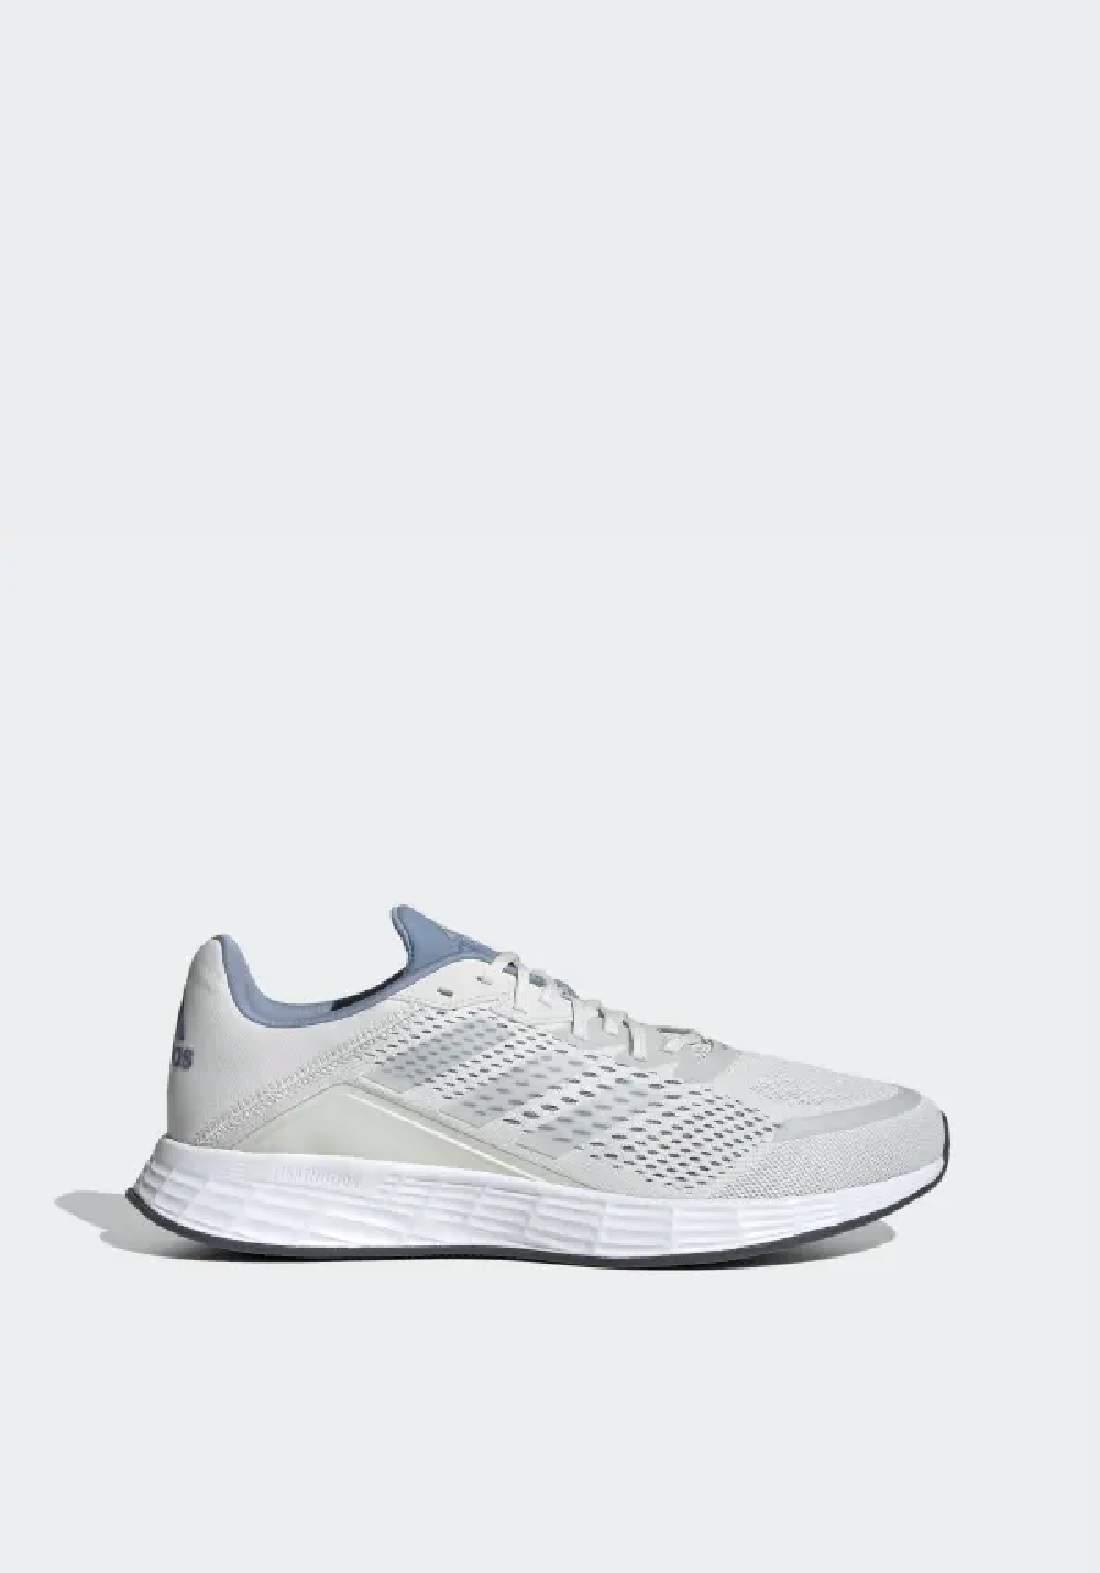 Adidas حذاء رجالي رياضي اوف وايت اللون من